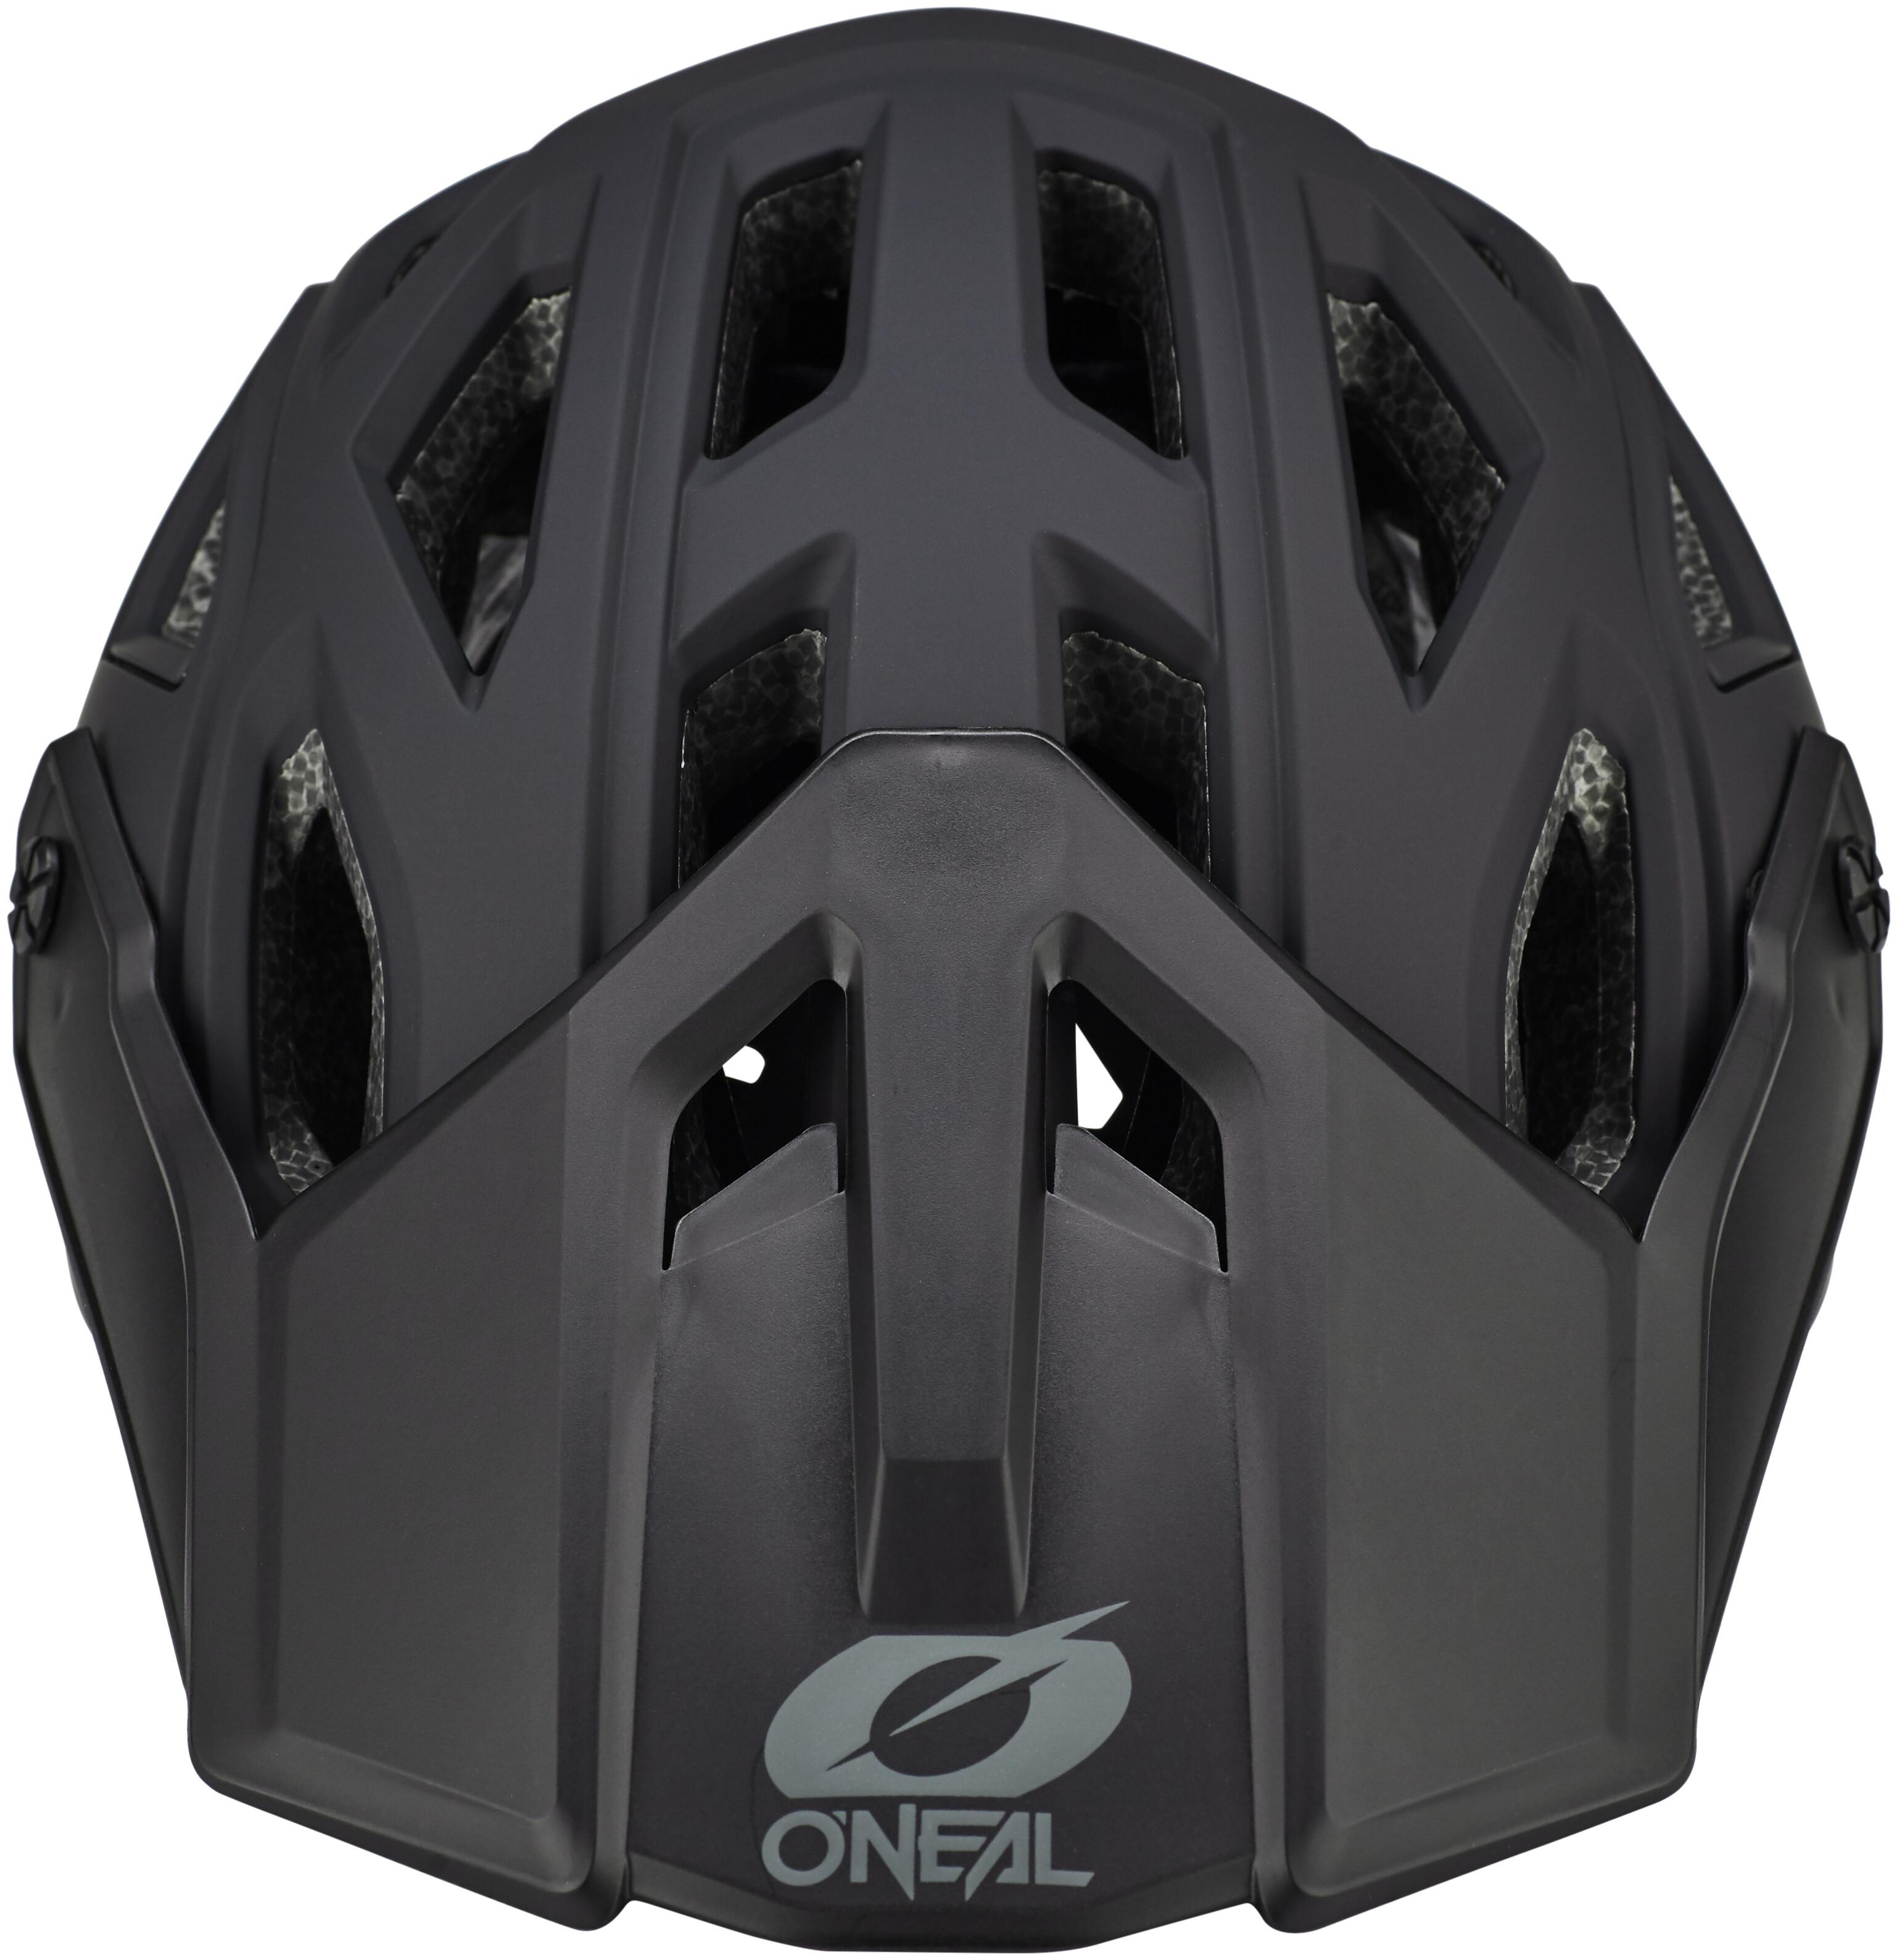 Grey O/'Neal Pike 2.0 IPX Bicycle Cycle Bike Helmet Black